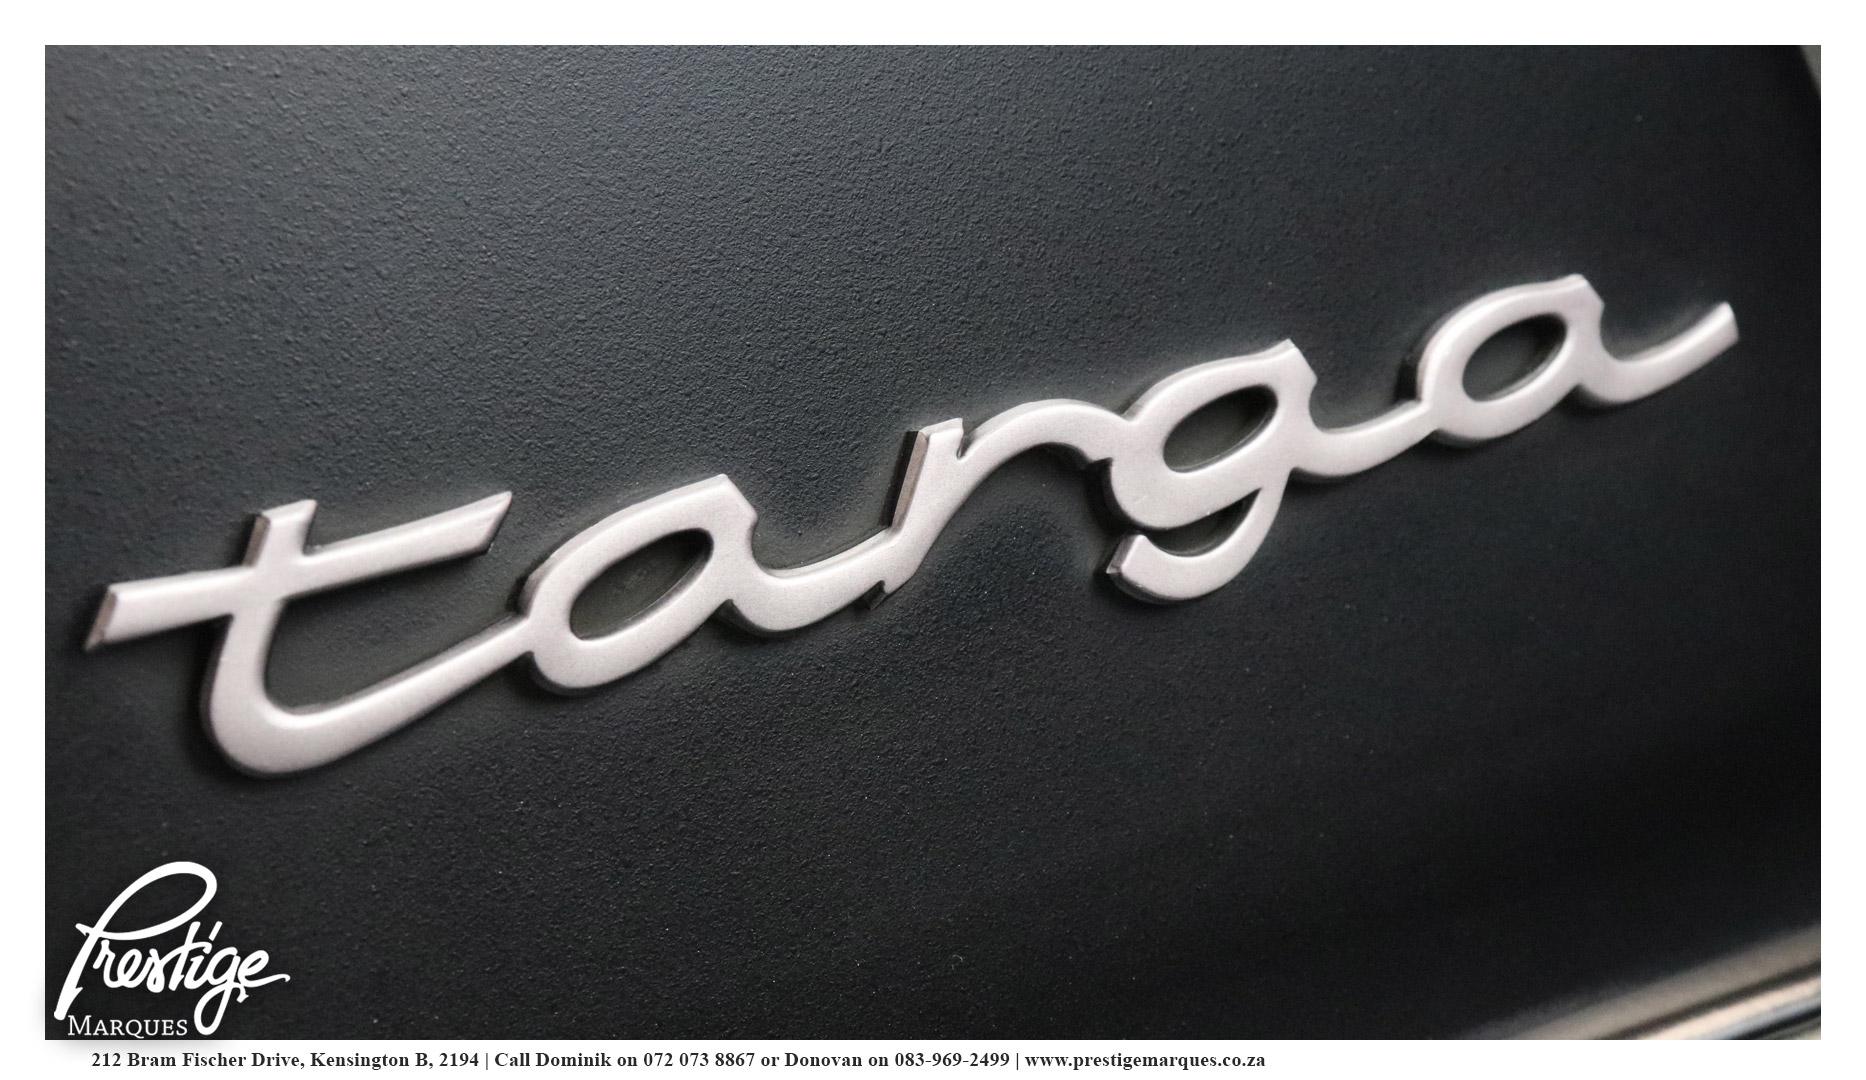 Prestige-Marques-1990-Porsche-964-Carrera 2-Manual-11